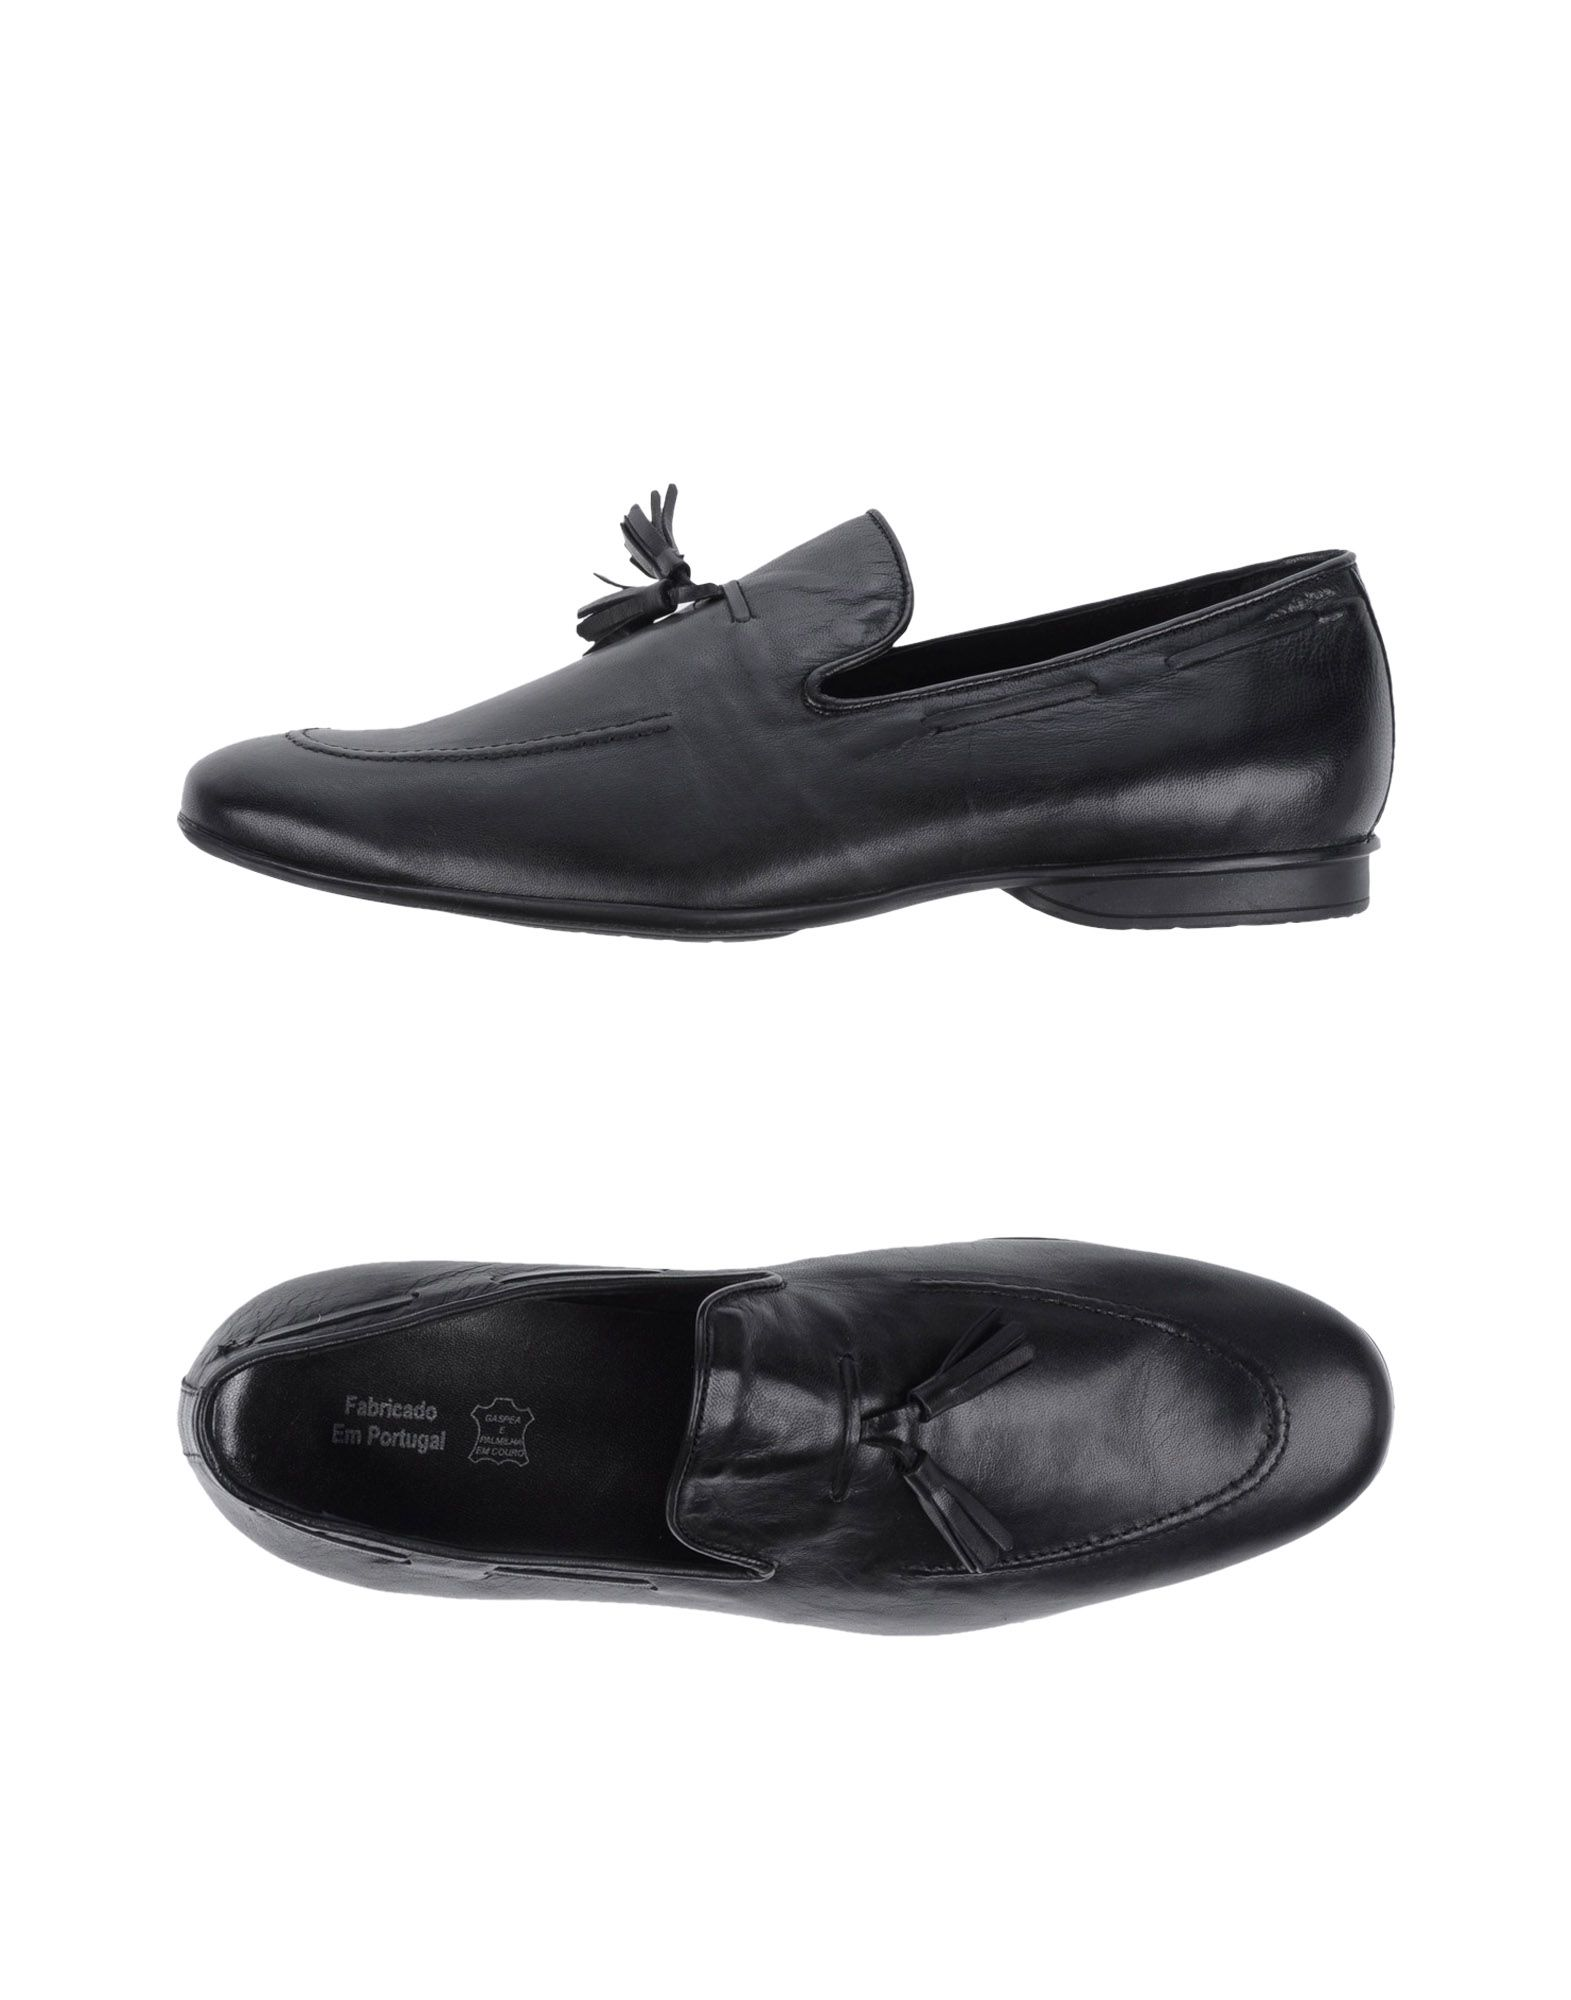 Rabatt echte Schuhe Profession: Bottier Mokassins Herren Herren Mokassins  11169626KA 46aa37